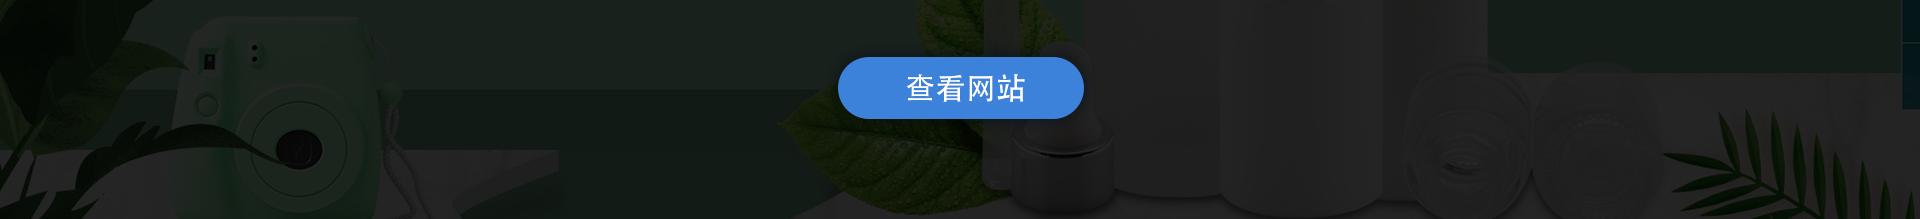 宁波飞色-谢小爱-云企案例1_02